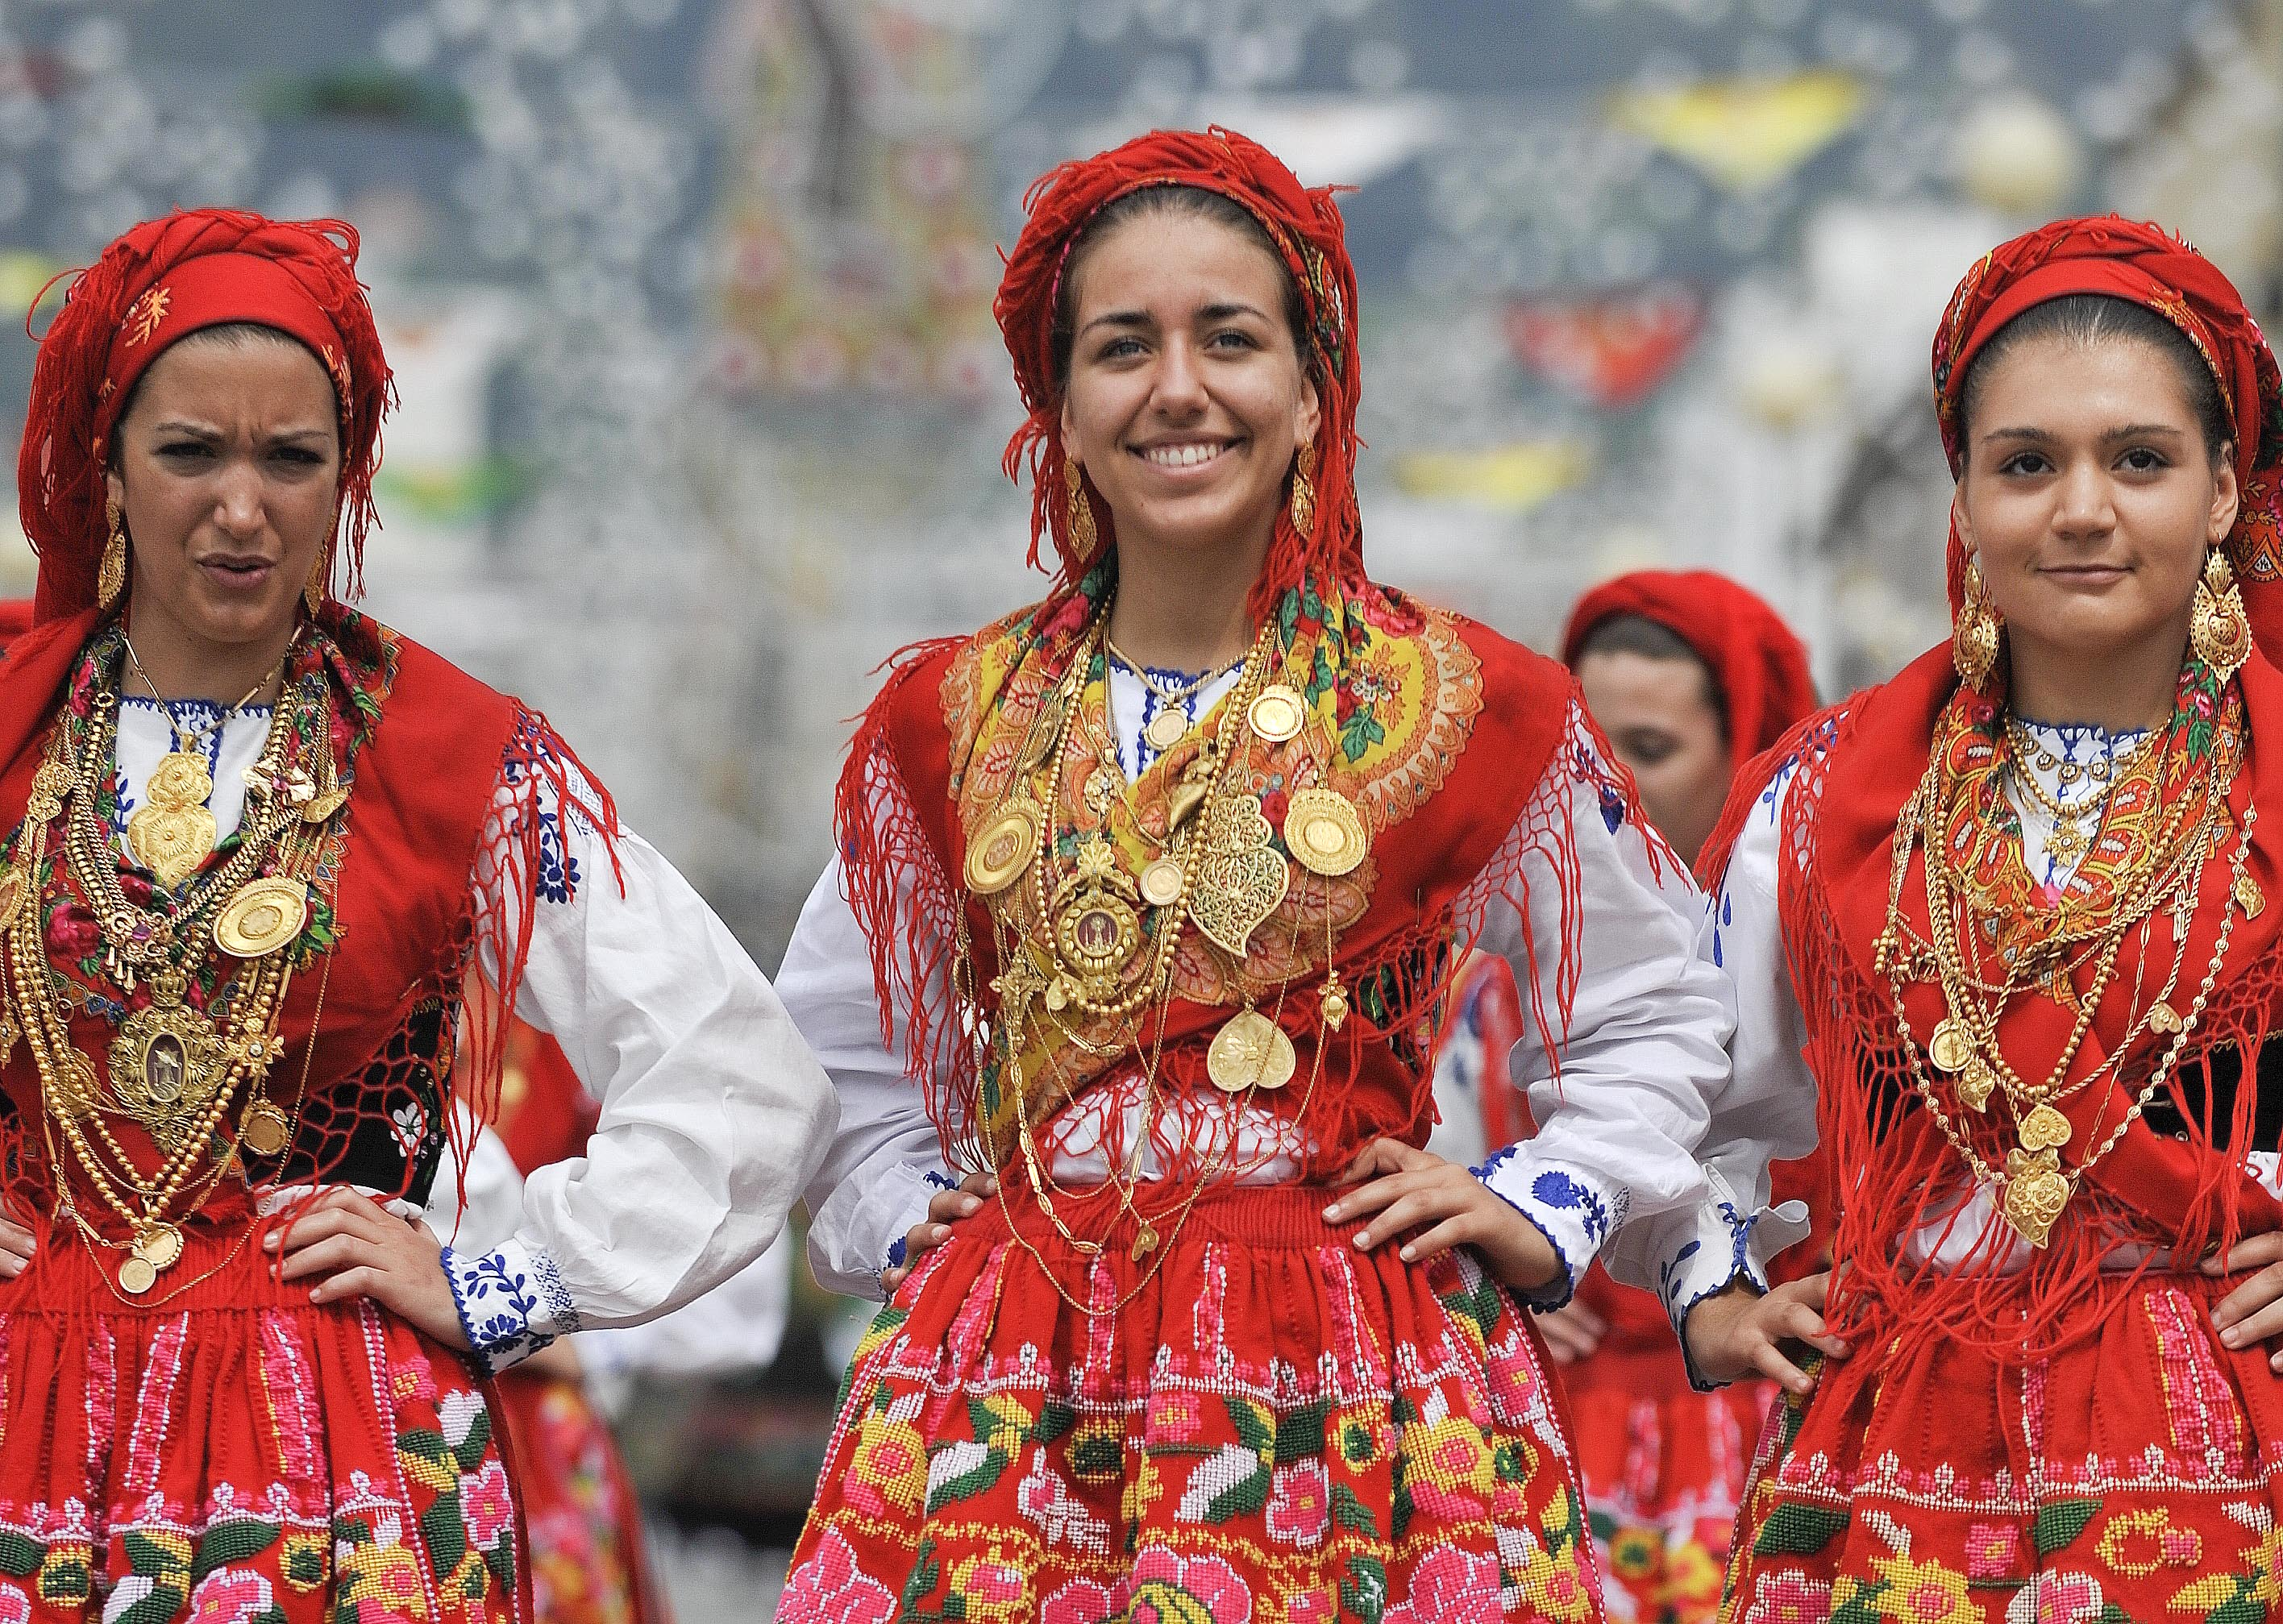 Trang phục độc đáo của người Bồ Đào Nha